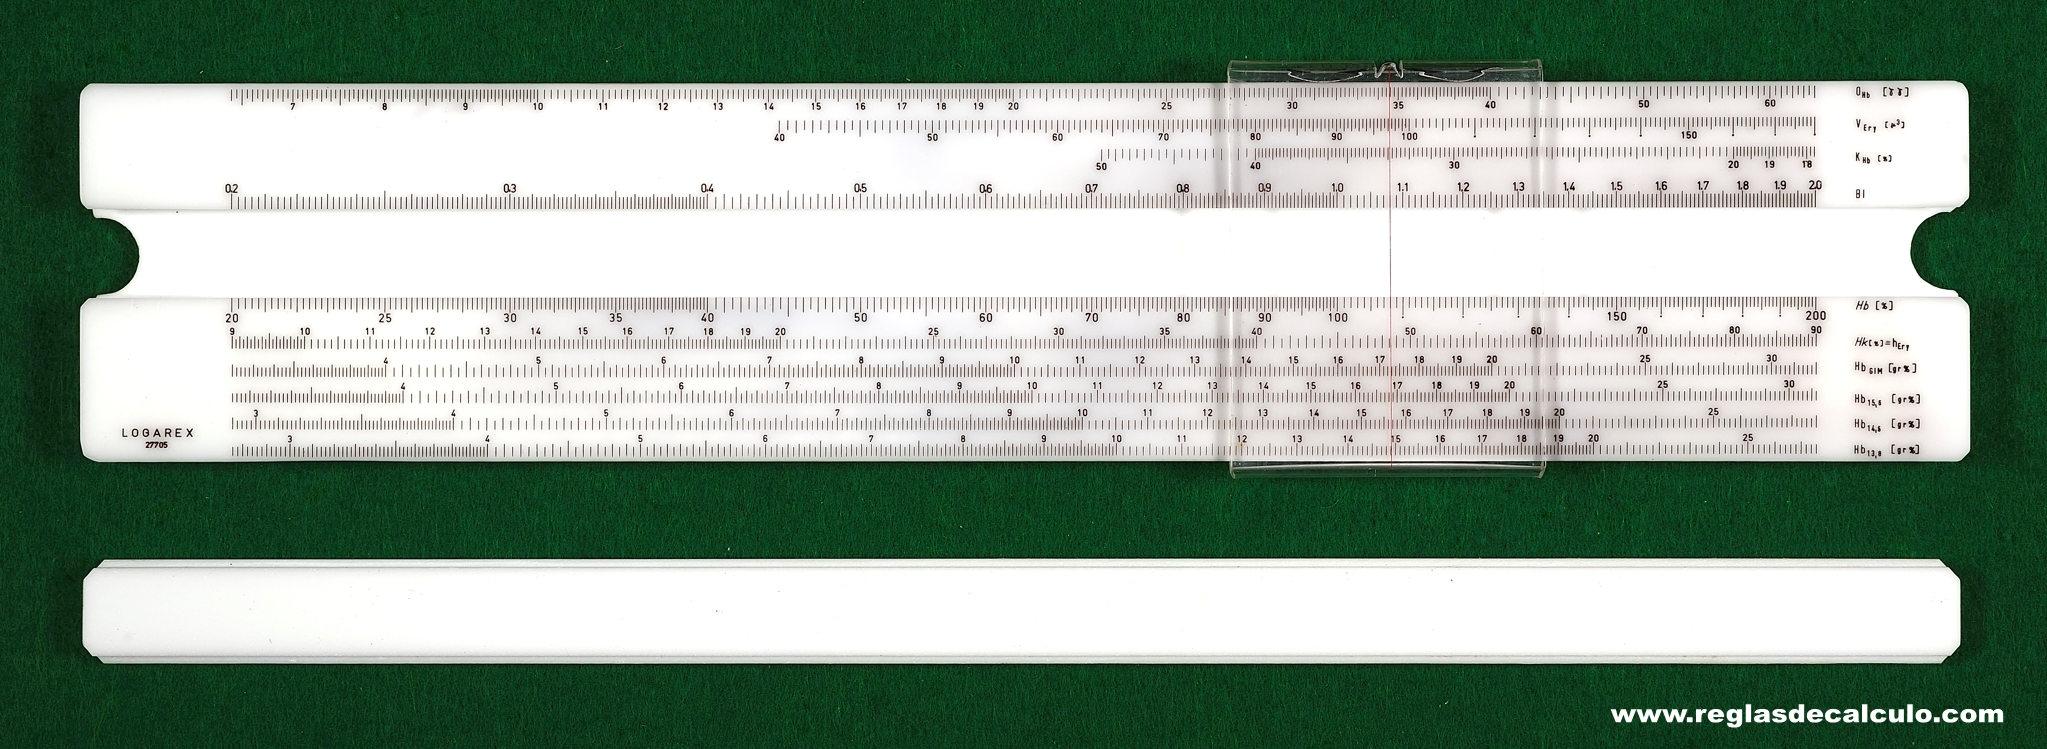 Logarex 27705 Regla de calculo Slide Rule